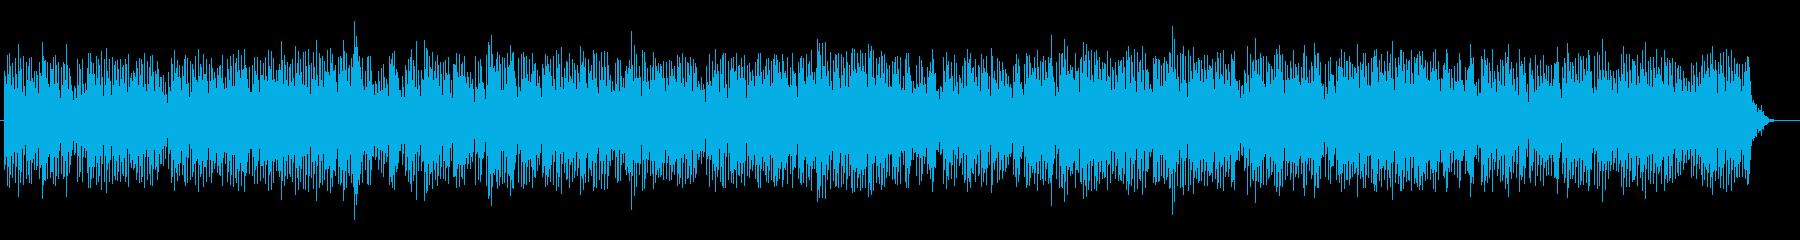 神秘的な印象のピアノ系サウンドの再生済みの波形